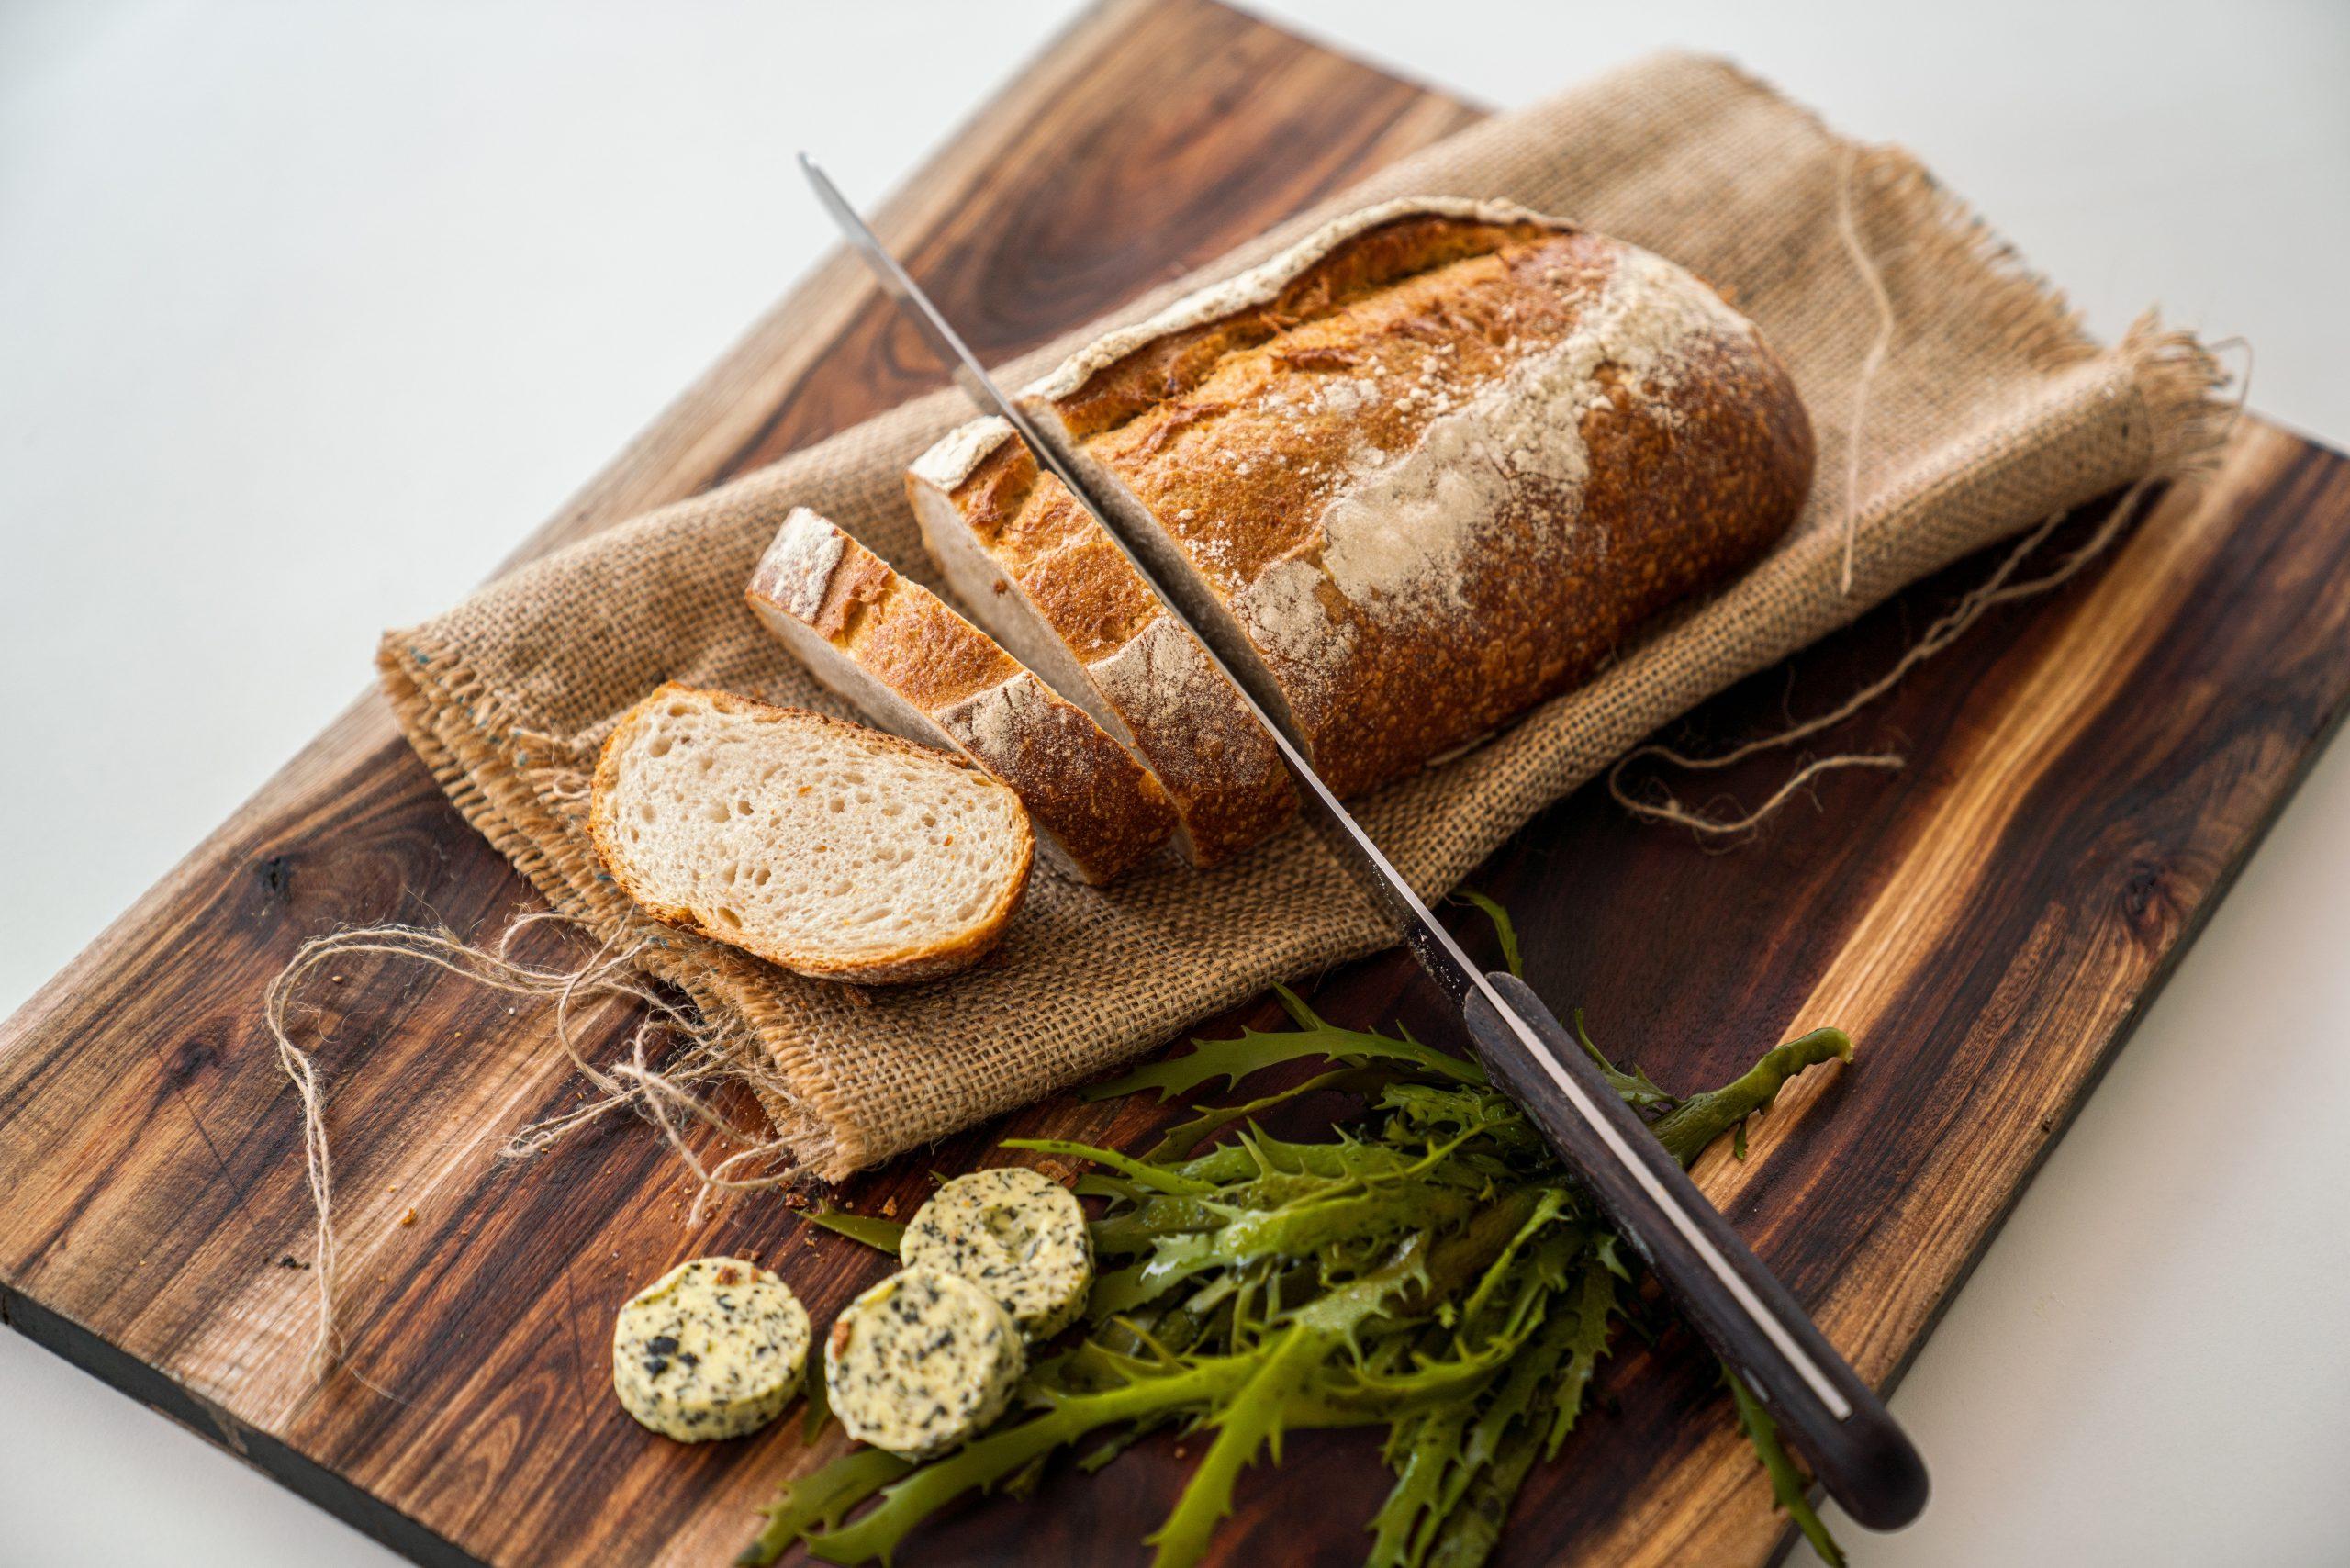 Bread & seaweed butter platter